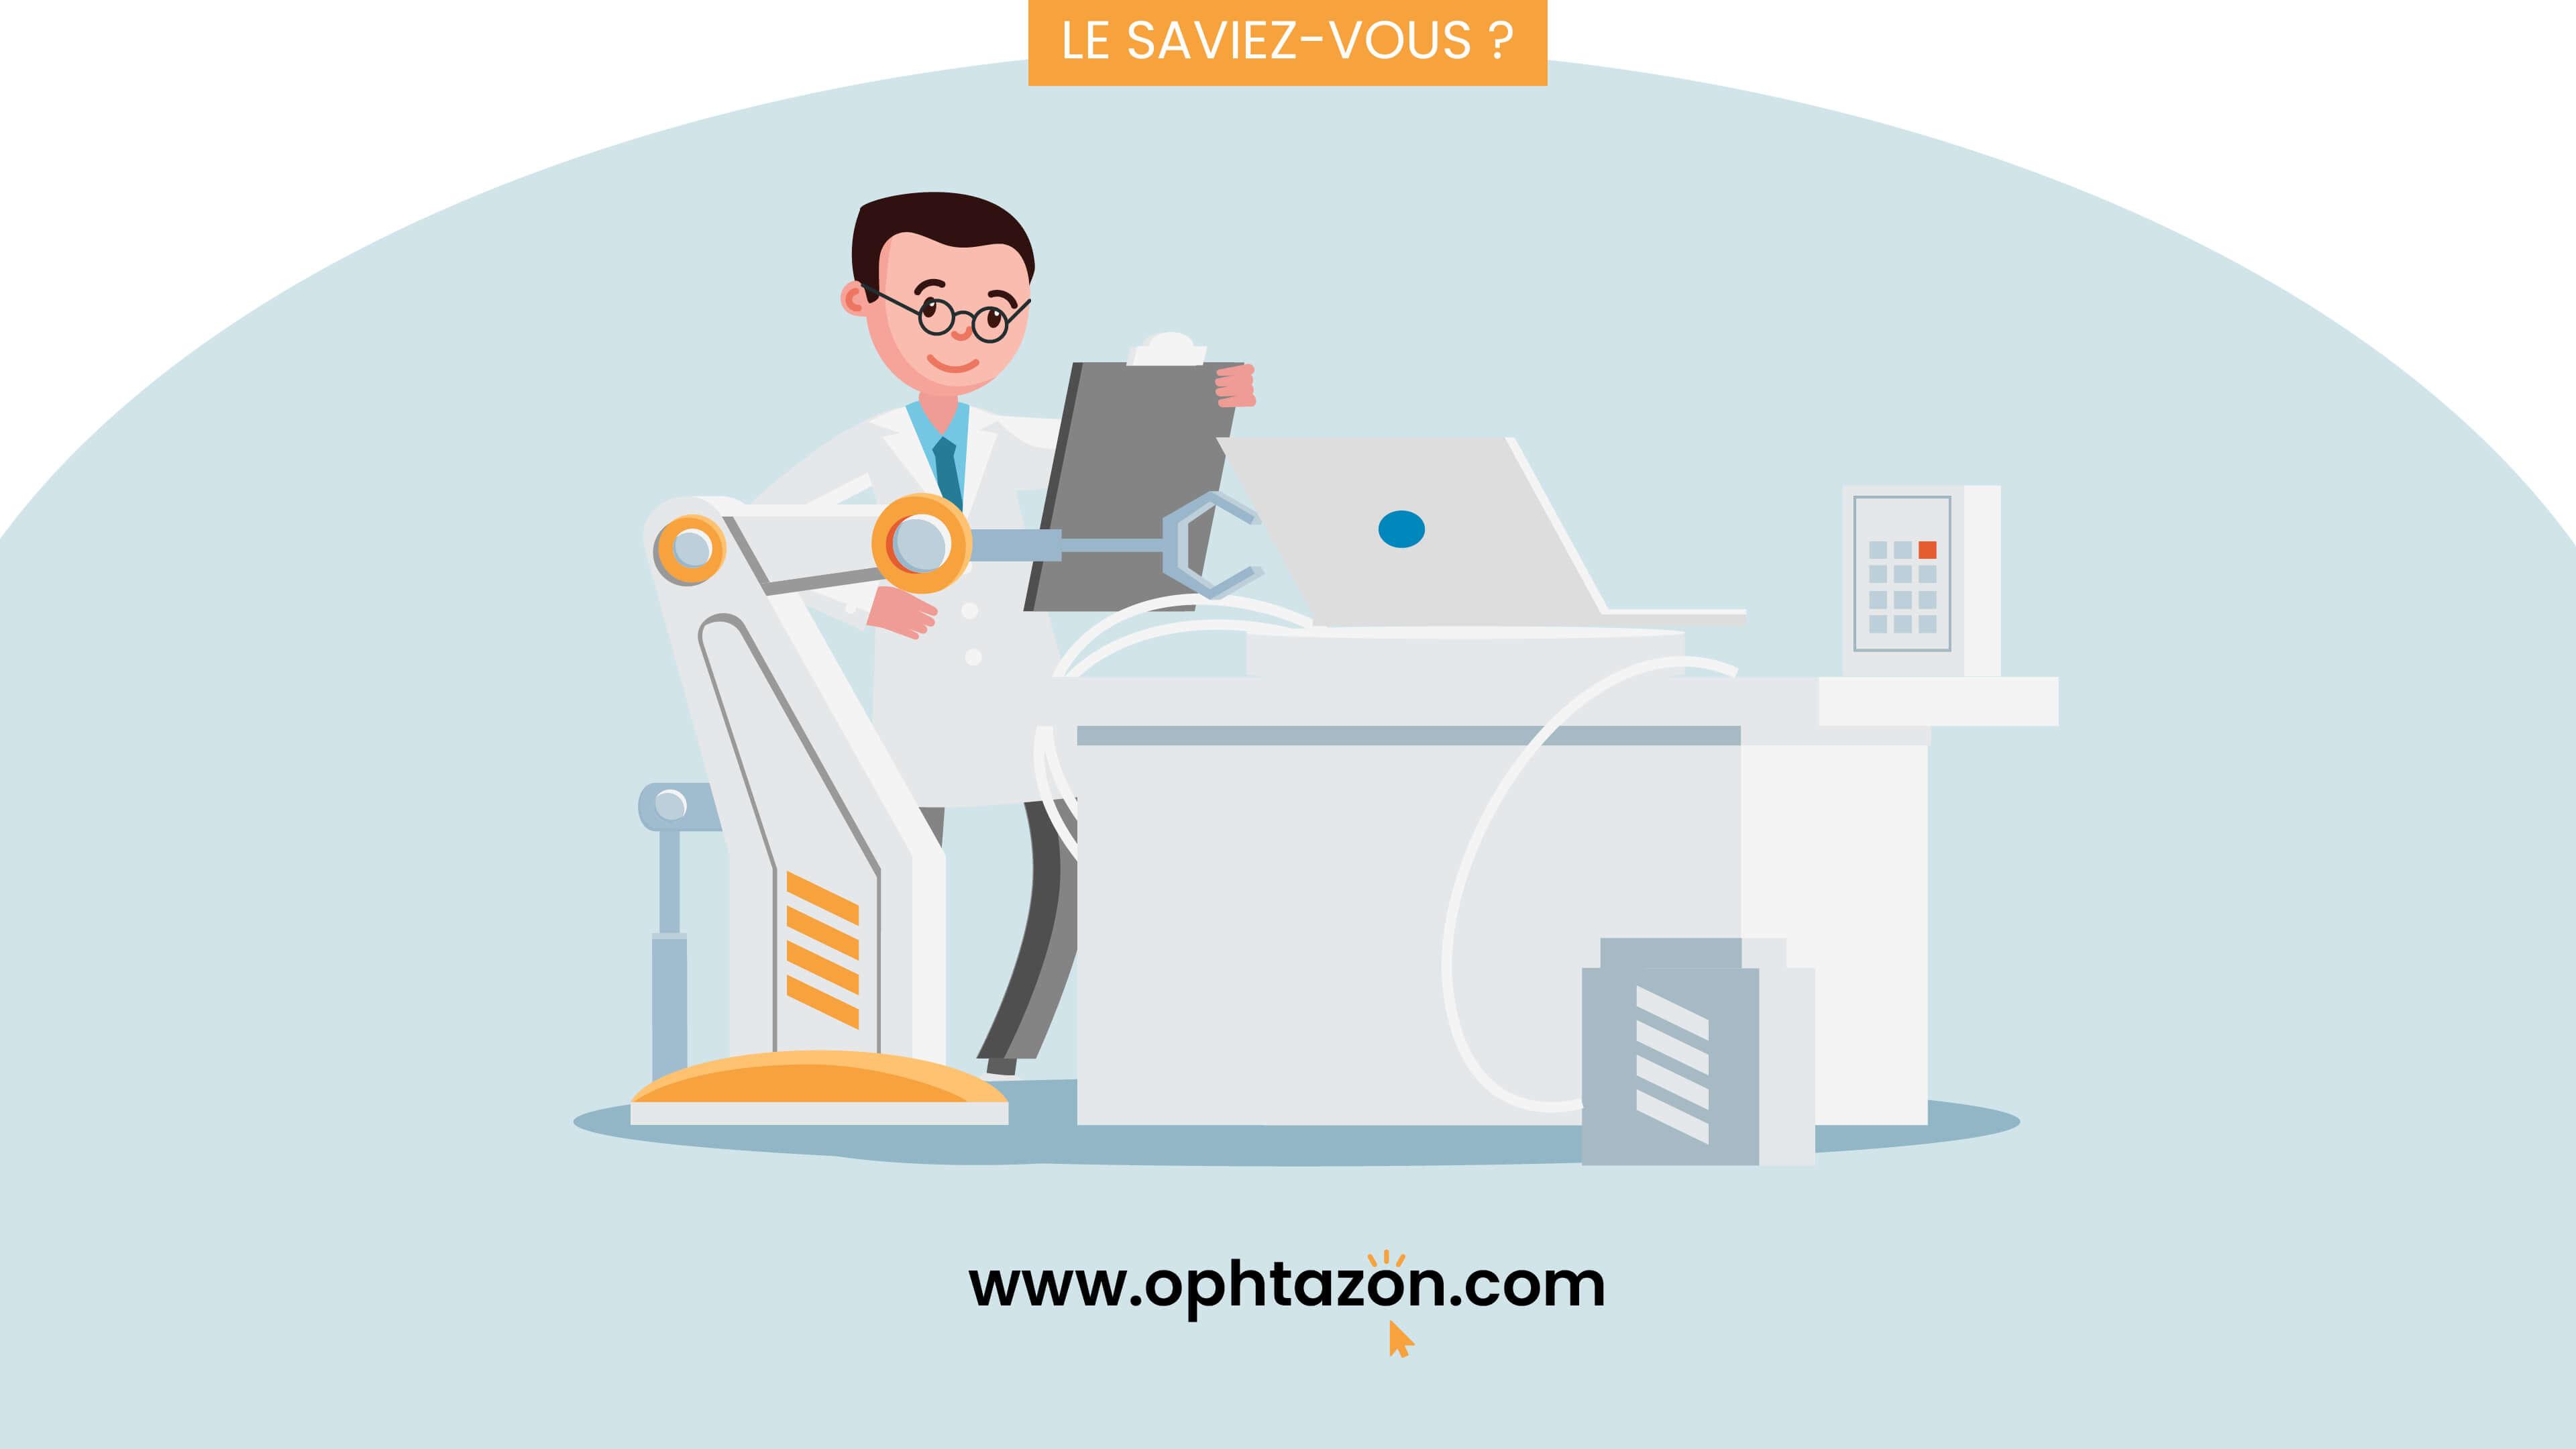 La certification OPHTAZON